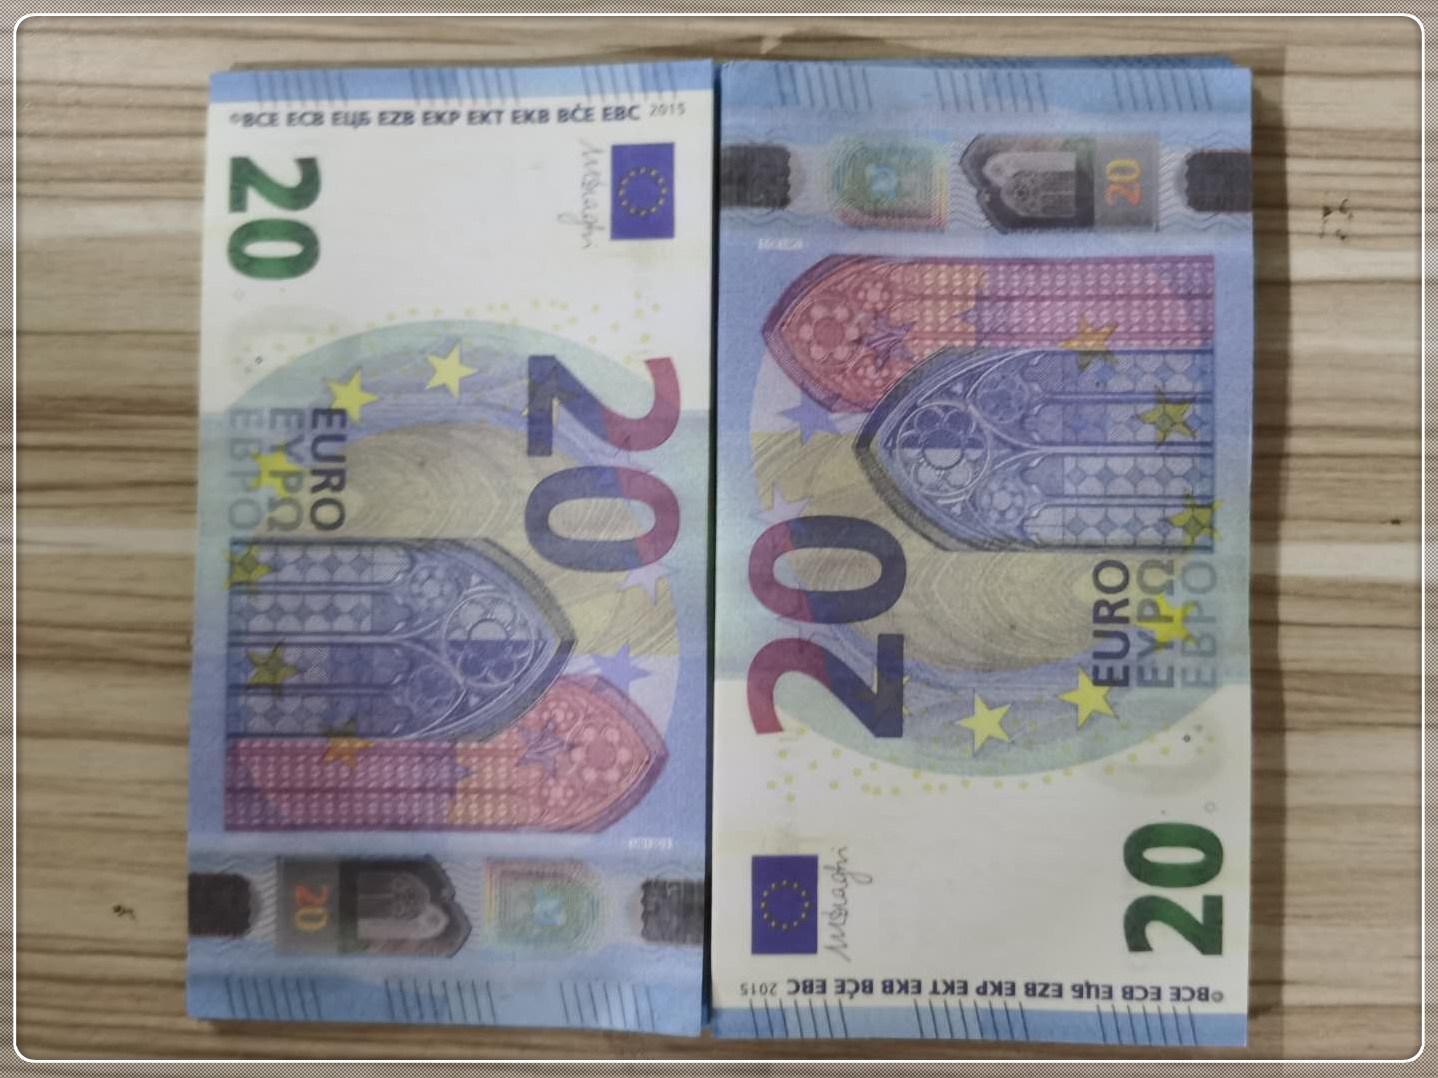 MV Shooting Kopie Atmosphäre Gefälschte Prop-Prop-Banknote gefälschte heiße Party Le20-46 Spielzeug ETILB Euro Stage Bar 20 RMKJN